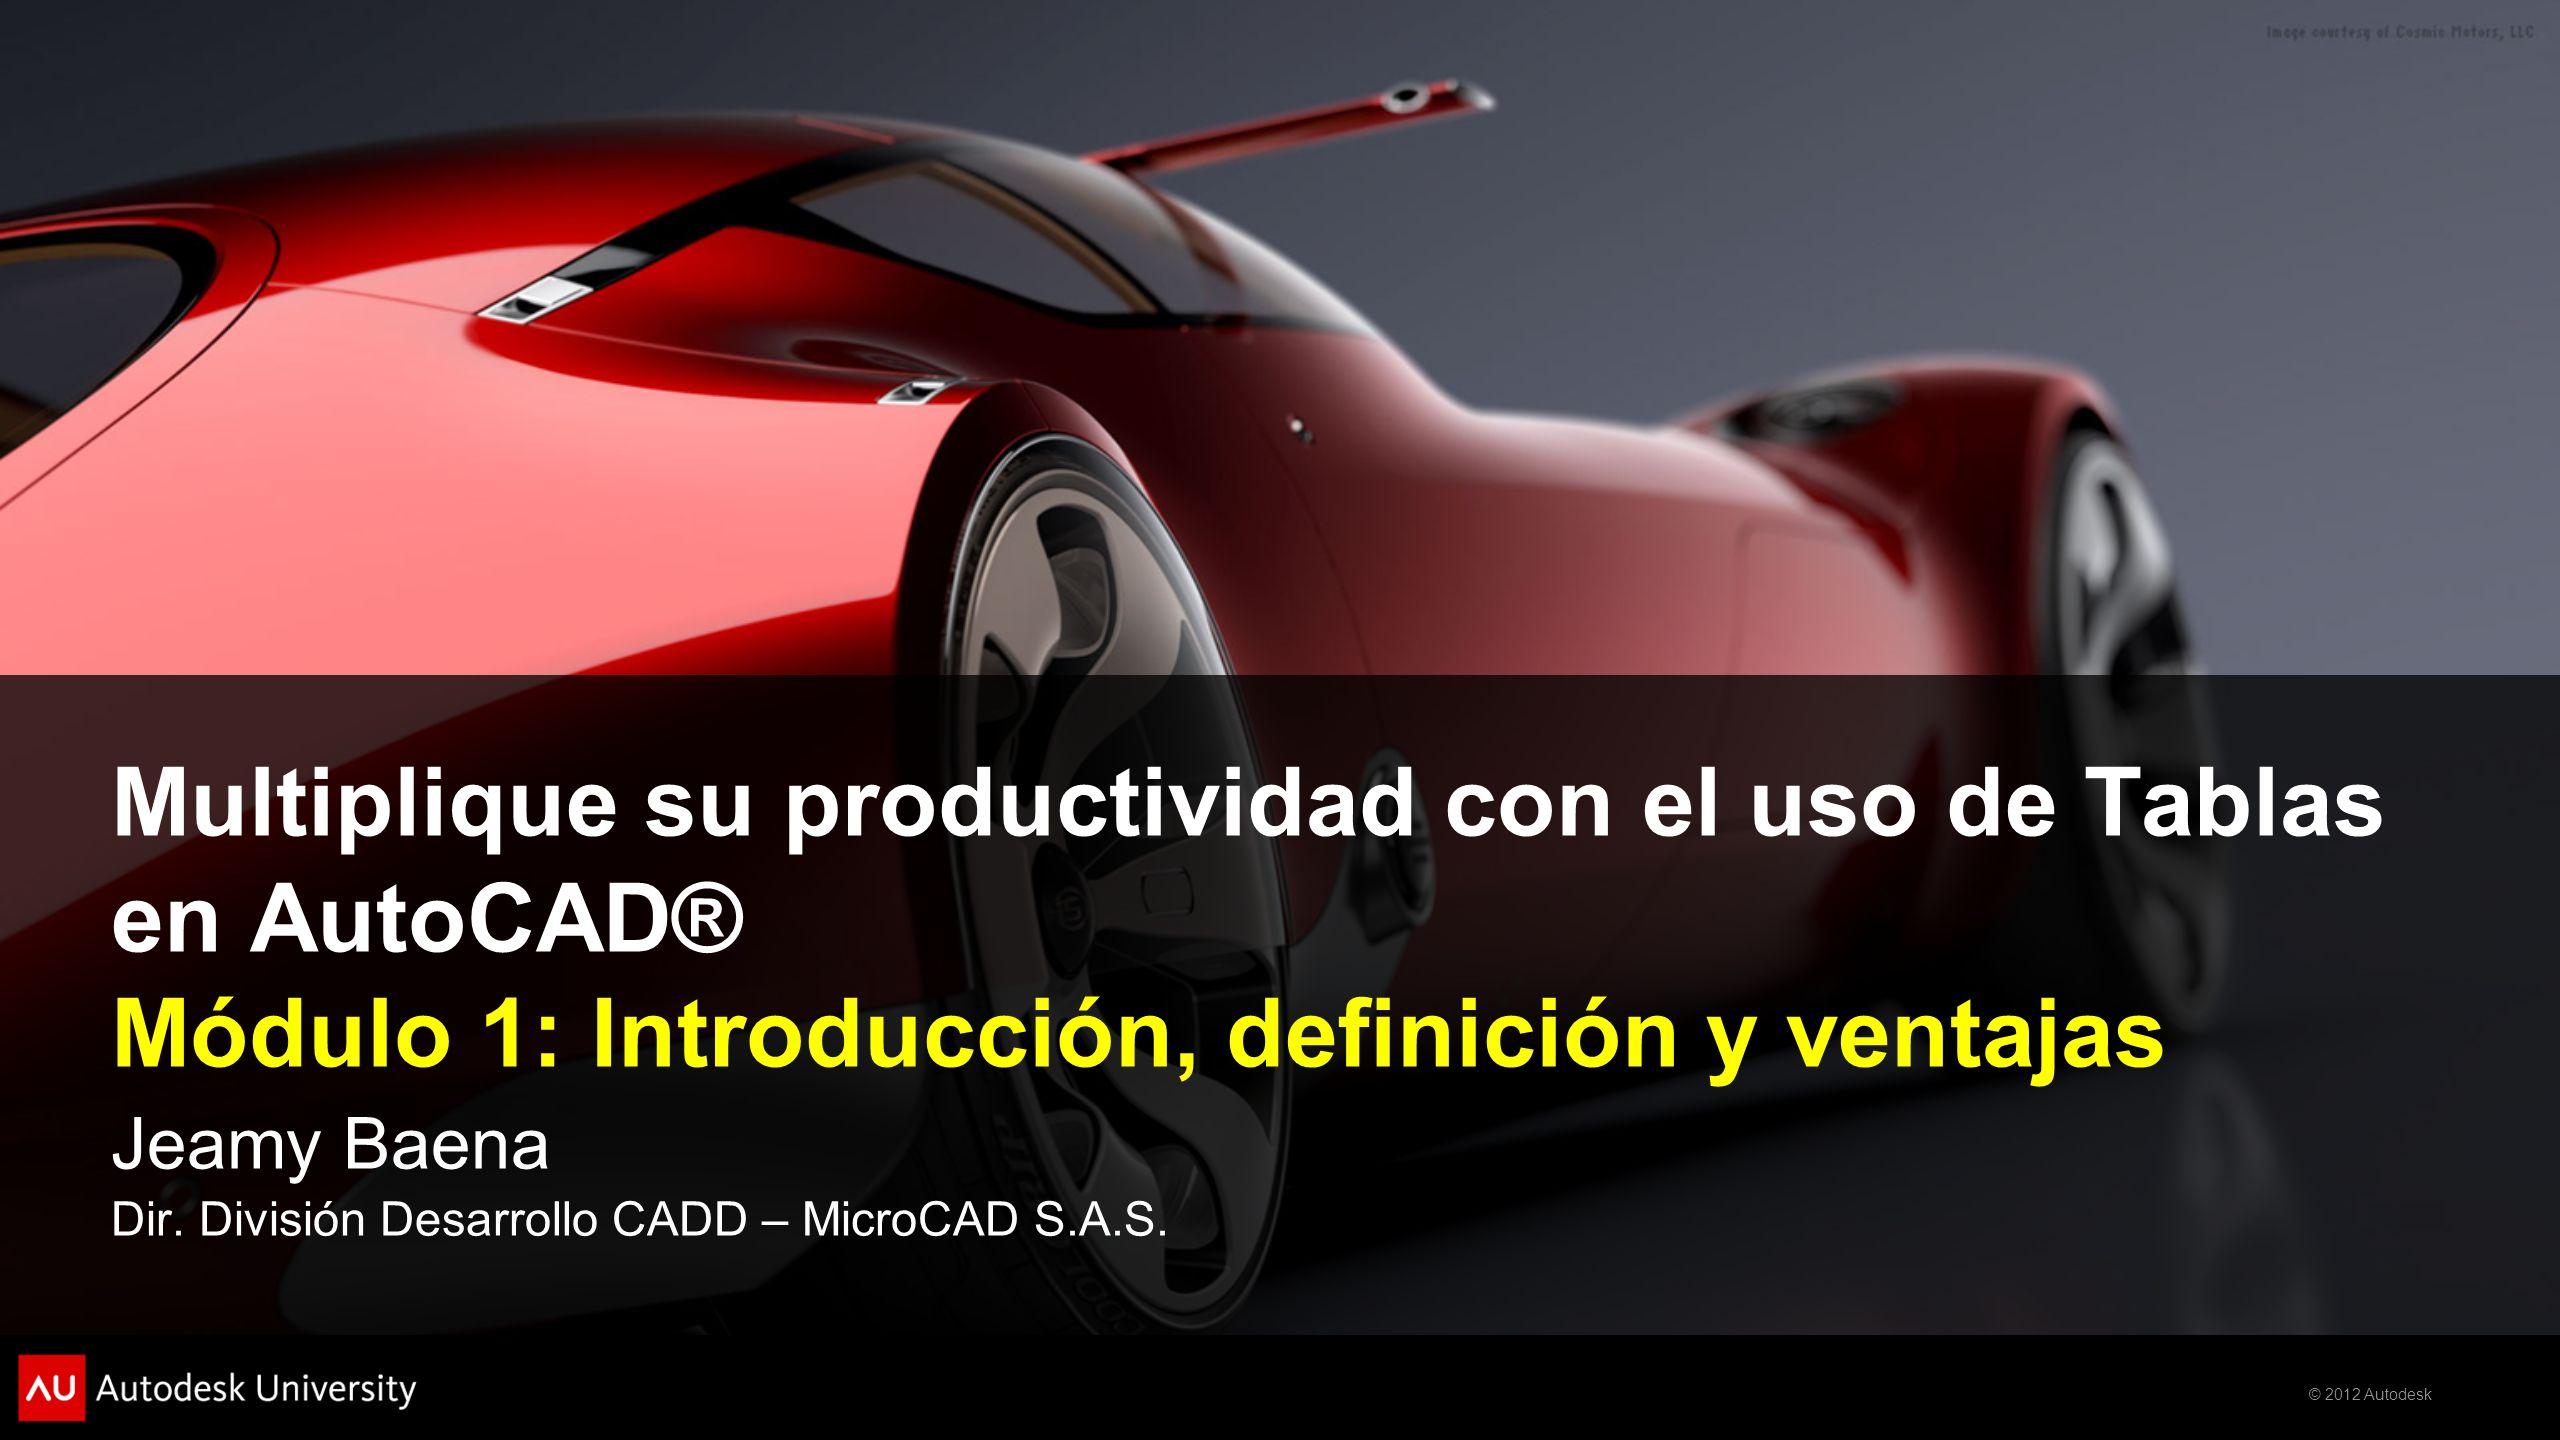 Multiplique su productividad con el uso de Tablas en AutoCAD® Módulo 1: Introducción, definición y ventajas